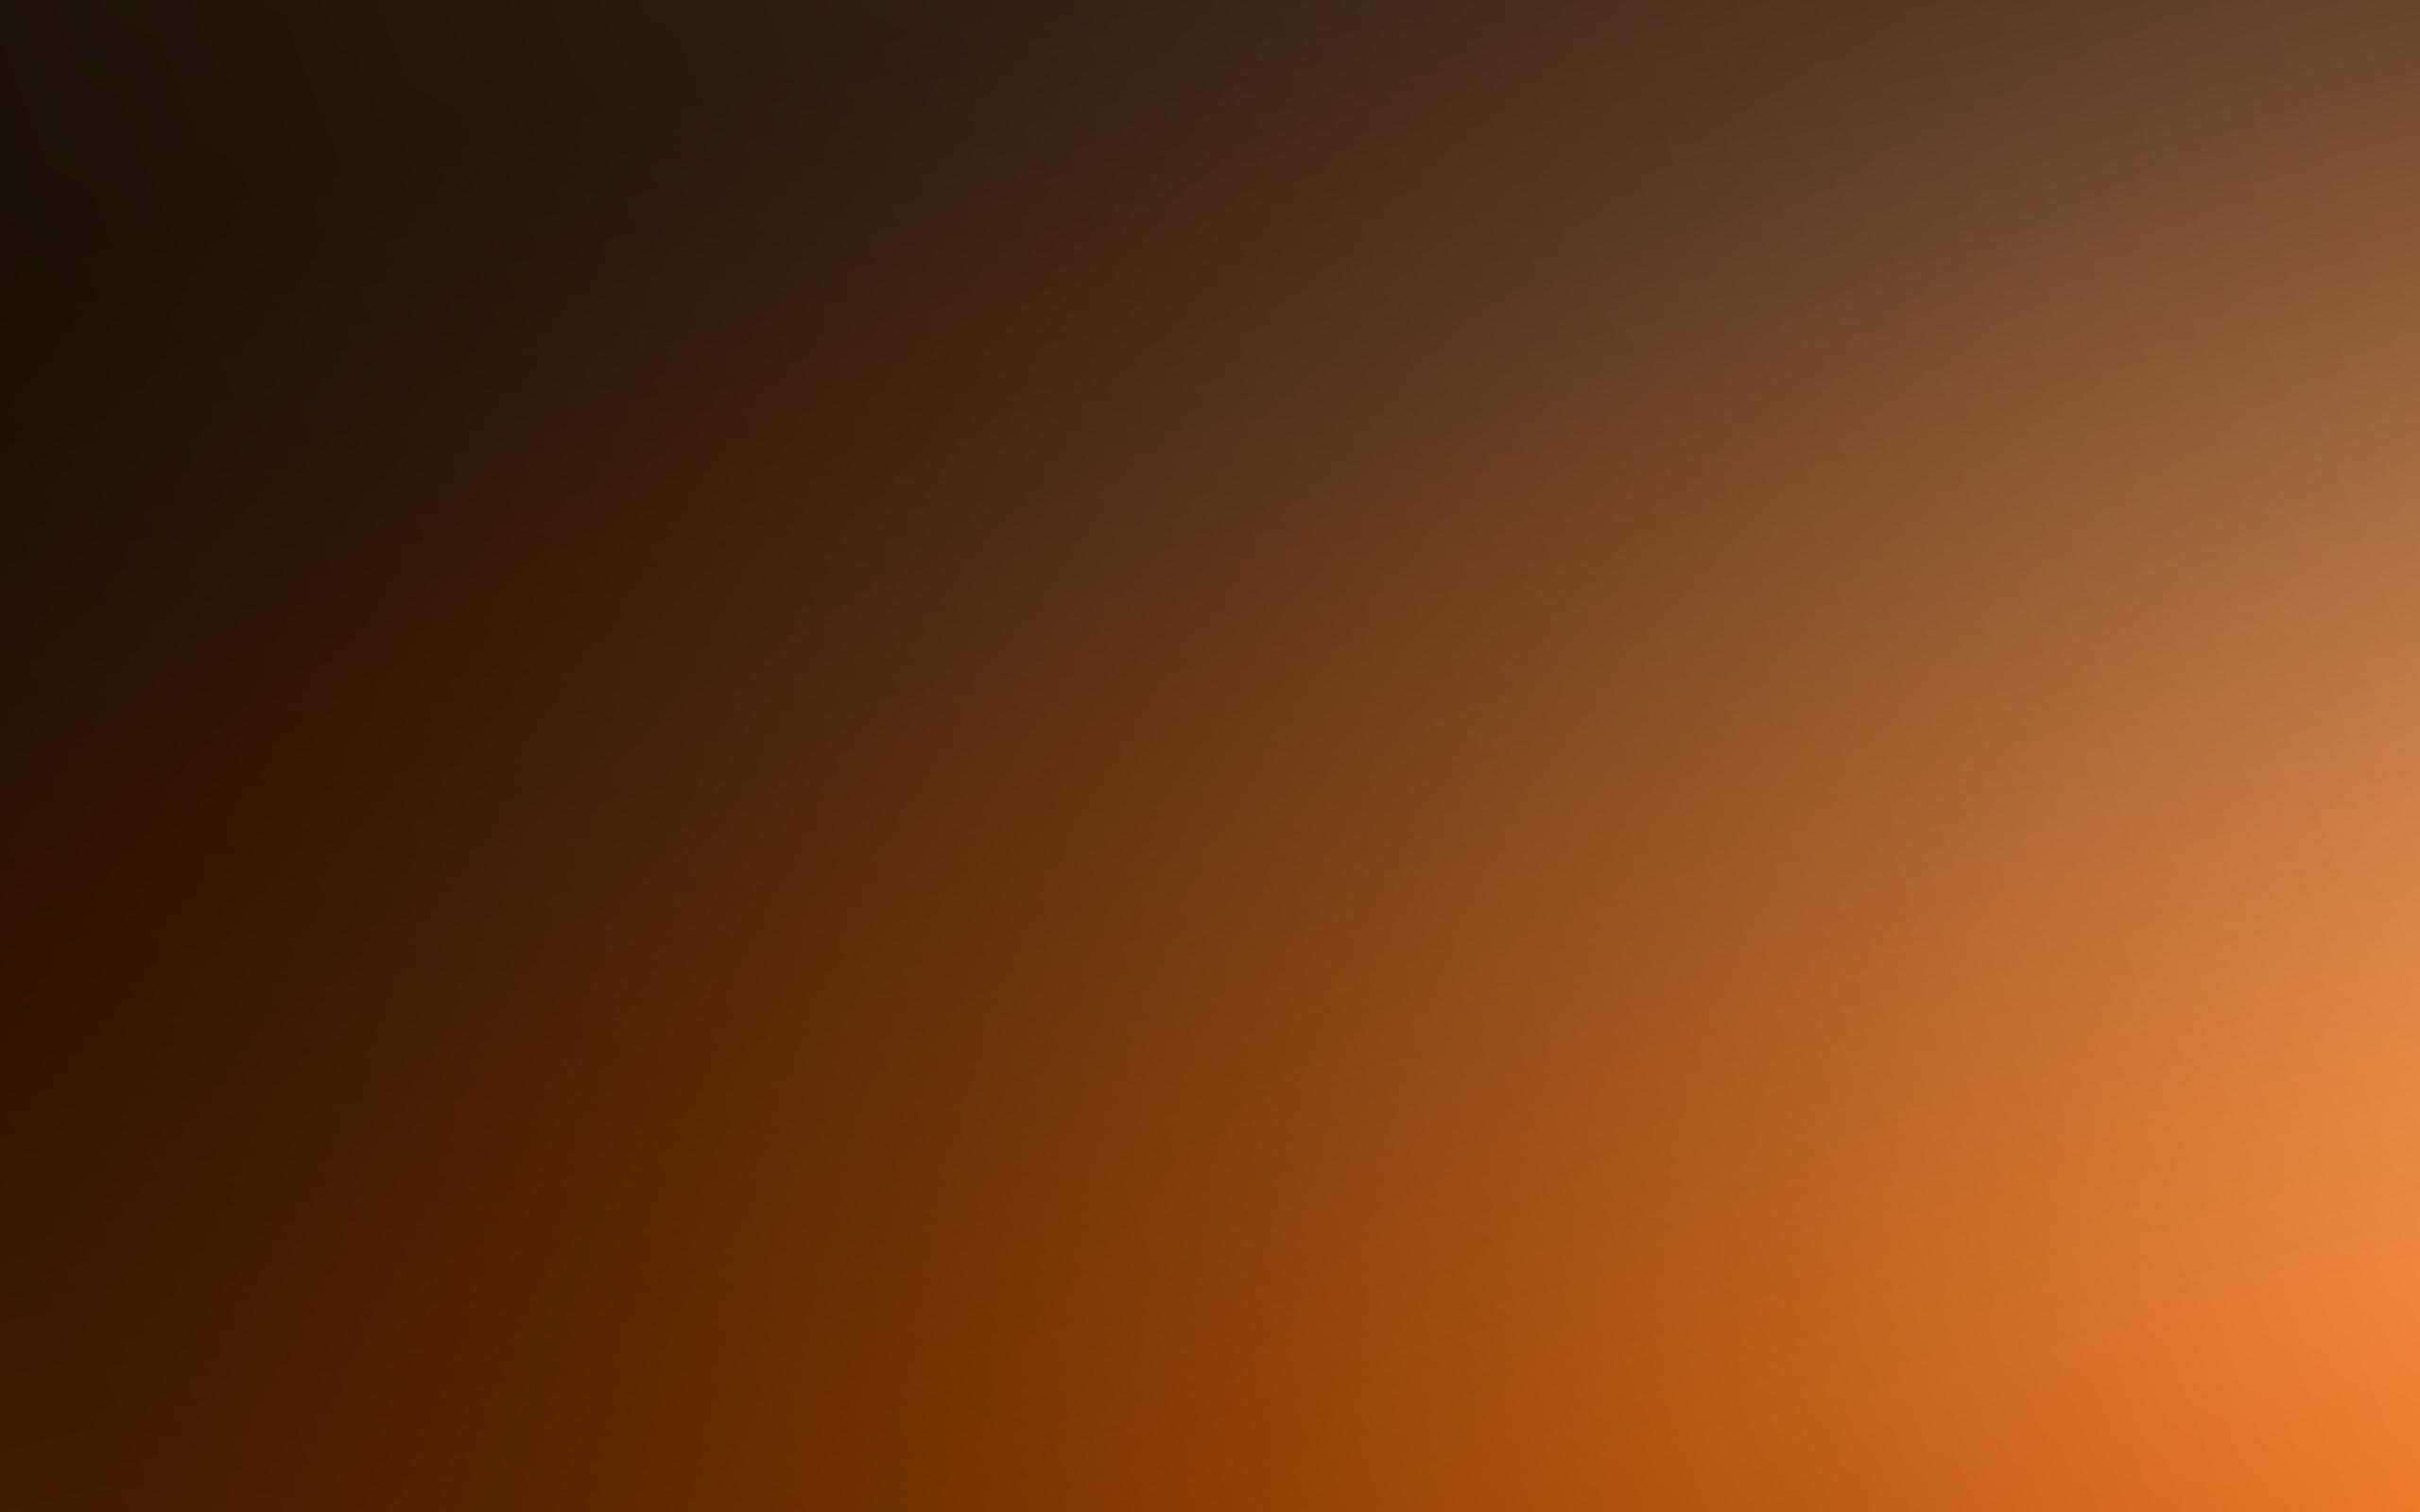 Light Brown Orange Solid Background